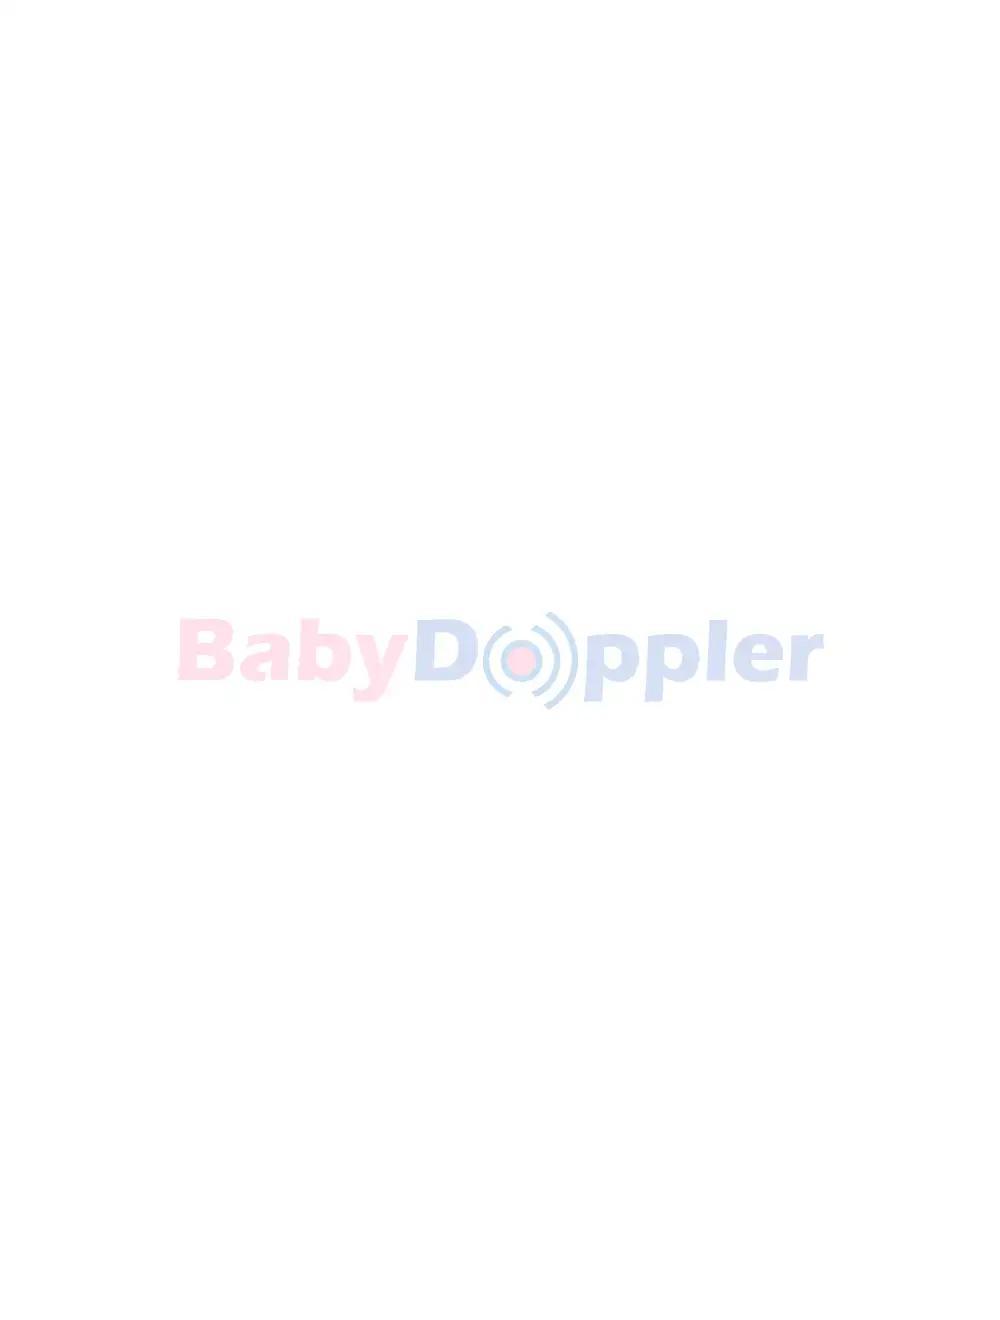 Bess H Carter using pink Sonoline B Fetal Doppler by Baby Doppler